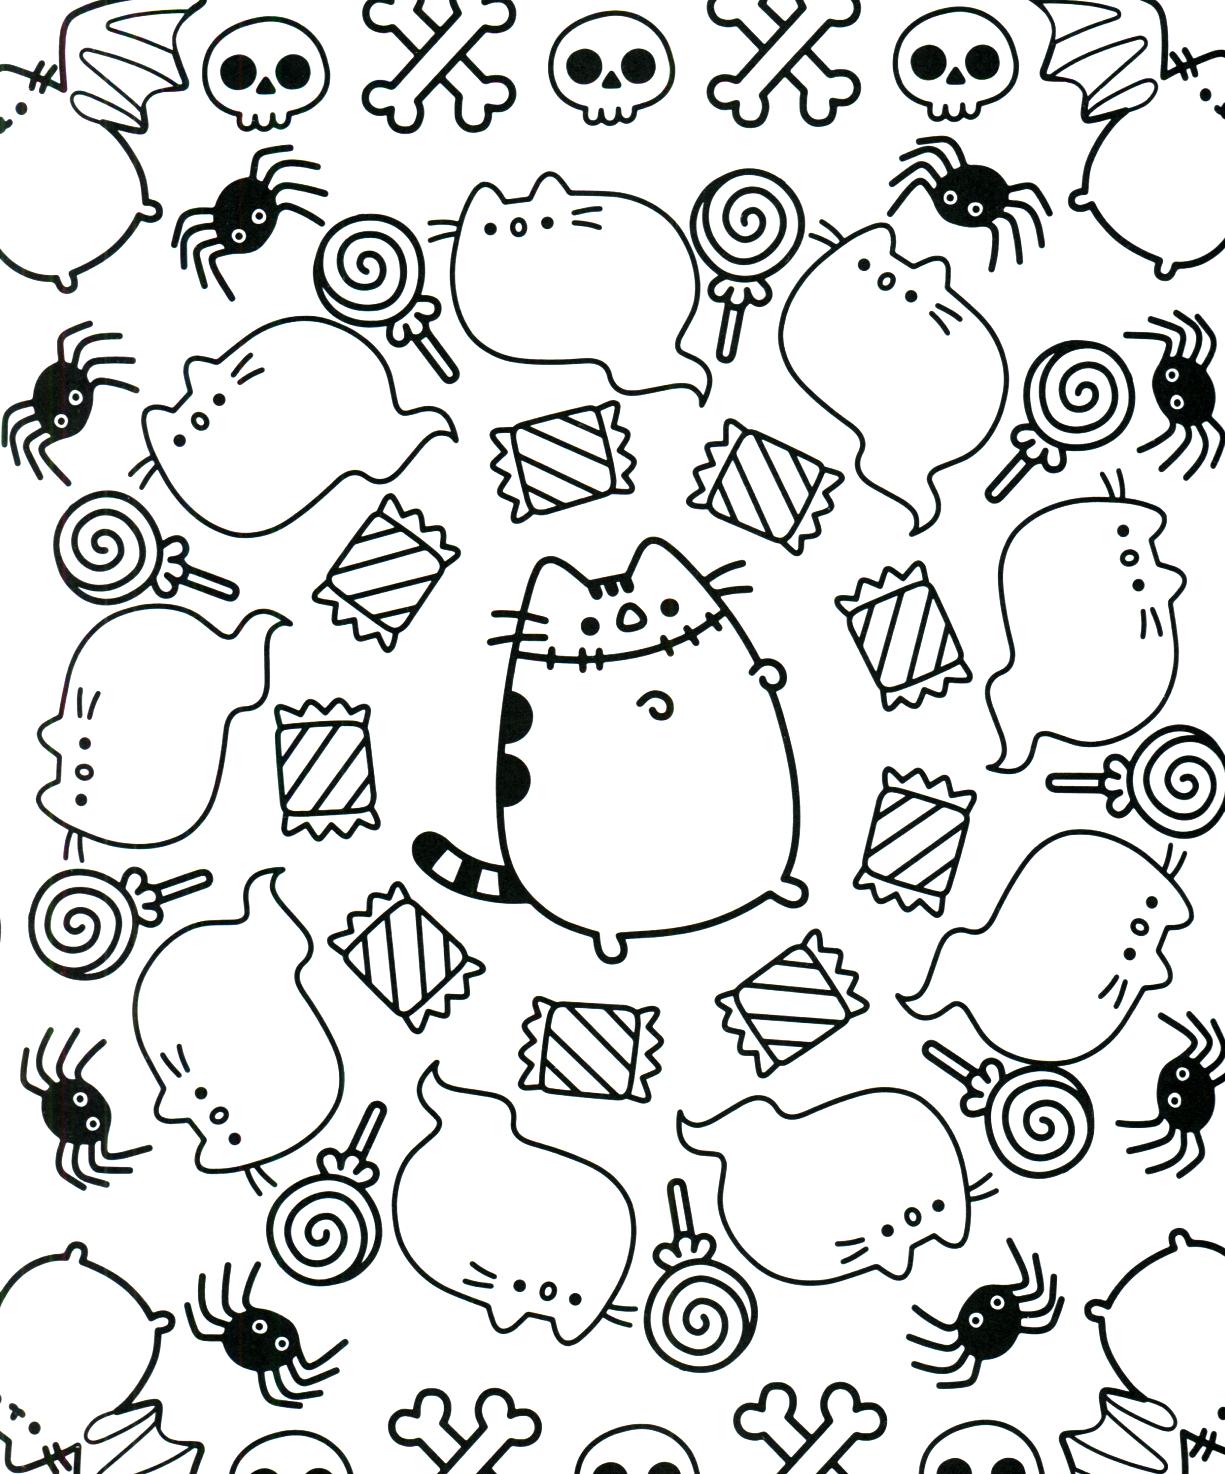 Pusheen Coloring Book Pusheen Pusheen The Cat Pusheen Coloring Pages Cute Coloring Pages Coloring Books